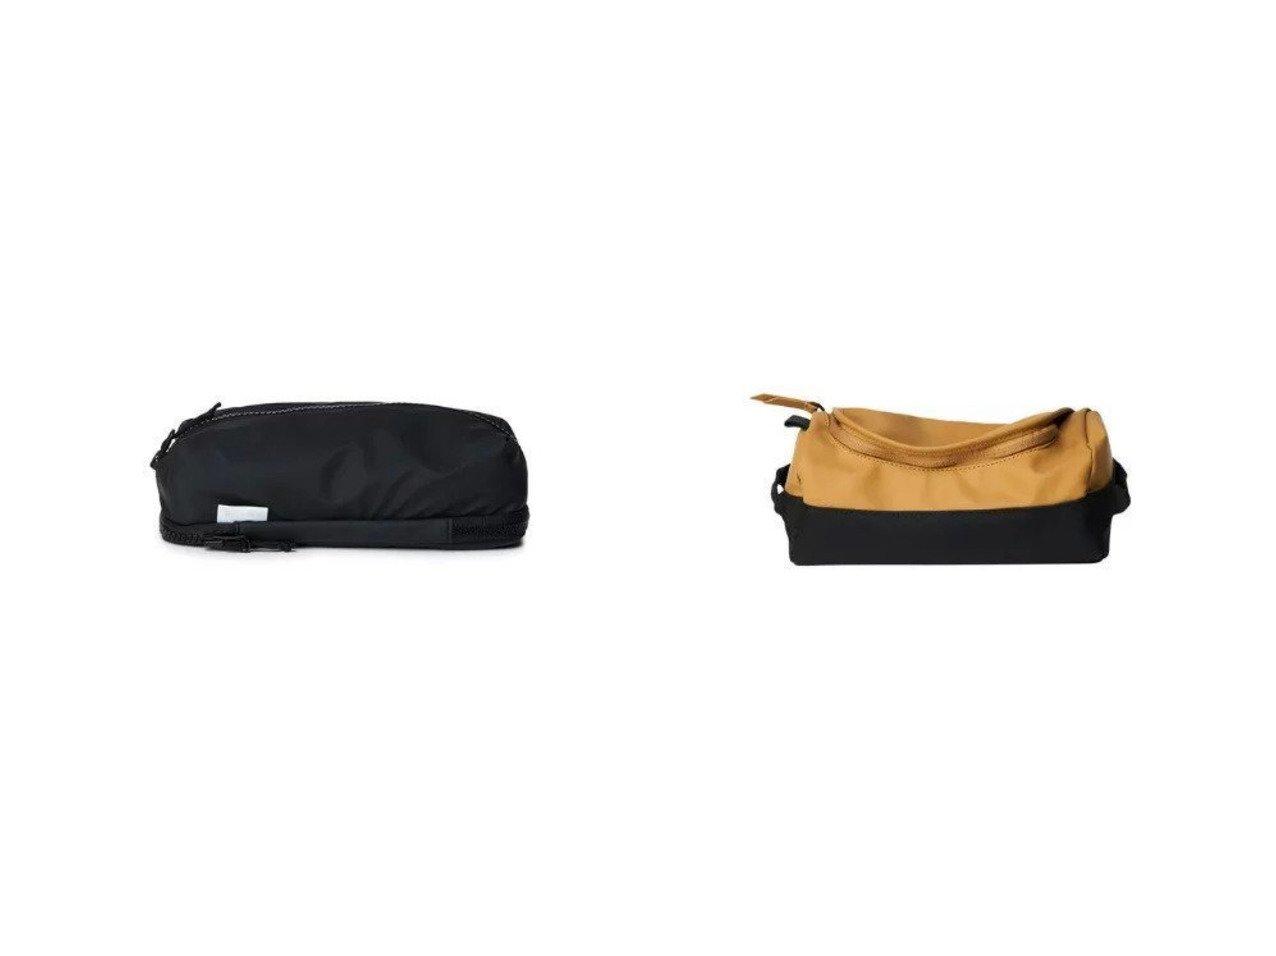 【RAINS/レインズ】のDuffel wash Bag Travel&Soft Pencil Case おすすめ!人気、トレンド・レディースファッションの通販 おすすめで人気の流行・トレンド、ファッションの通販商品 メンズファッション・キッズファッション・インテリア・家具・レディースファッション・服の通販 founy(ファニー) https://founy.com/ ファッション Fashion レディースファッション WOMEN ポーチ Pouches トラベル ポーチ |ID:crp329100000029515